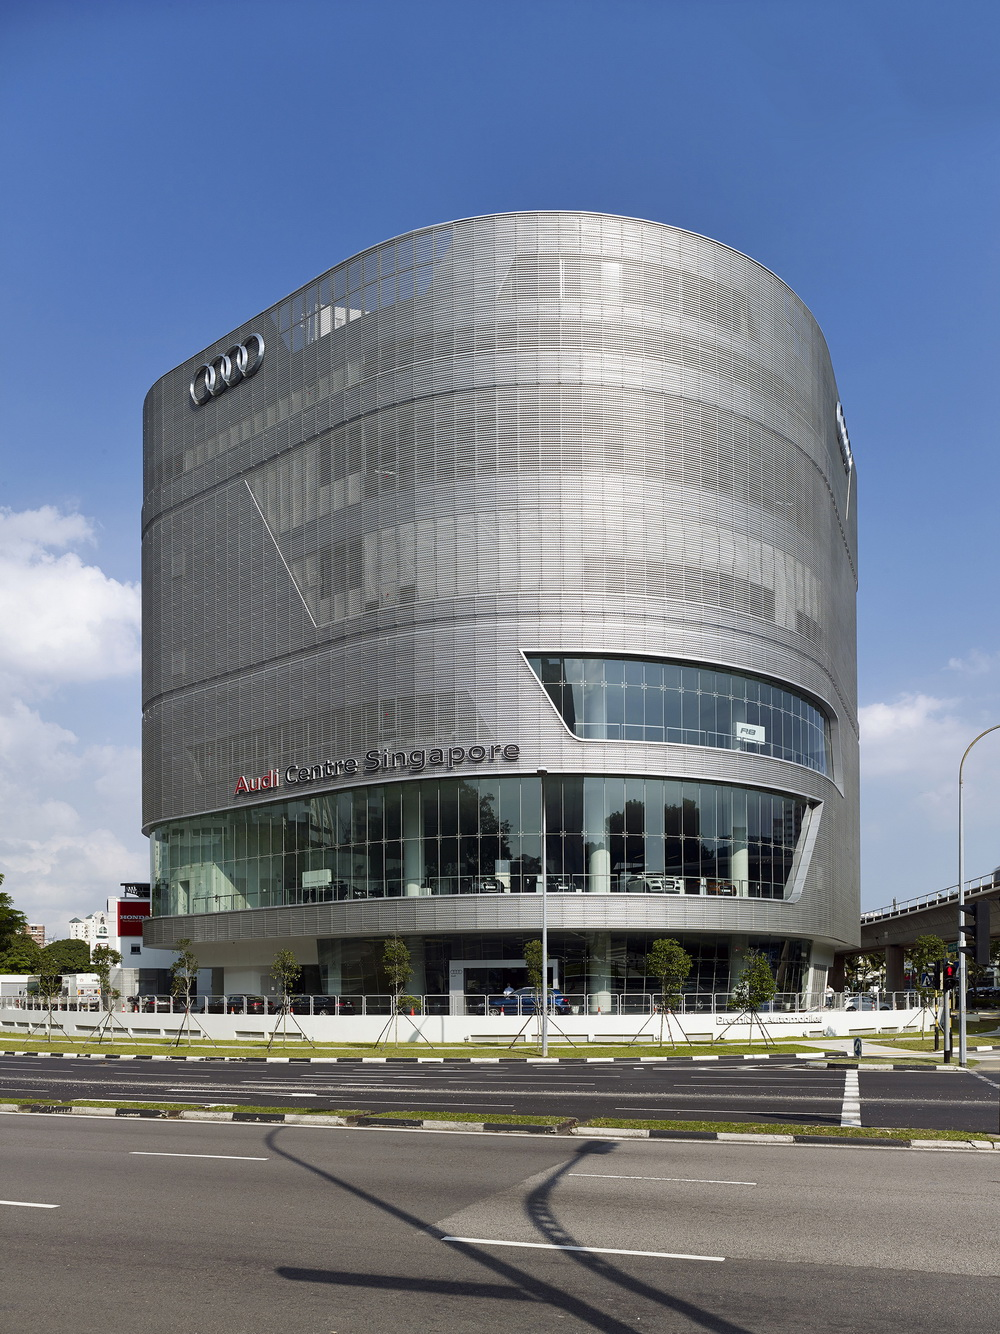 5450772fe58ecef8130001e2_audi-centre-singapore-ong-ong-pte-ltd_audi018_resize